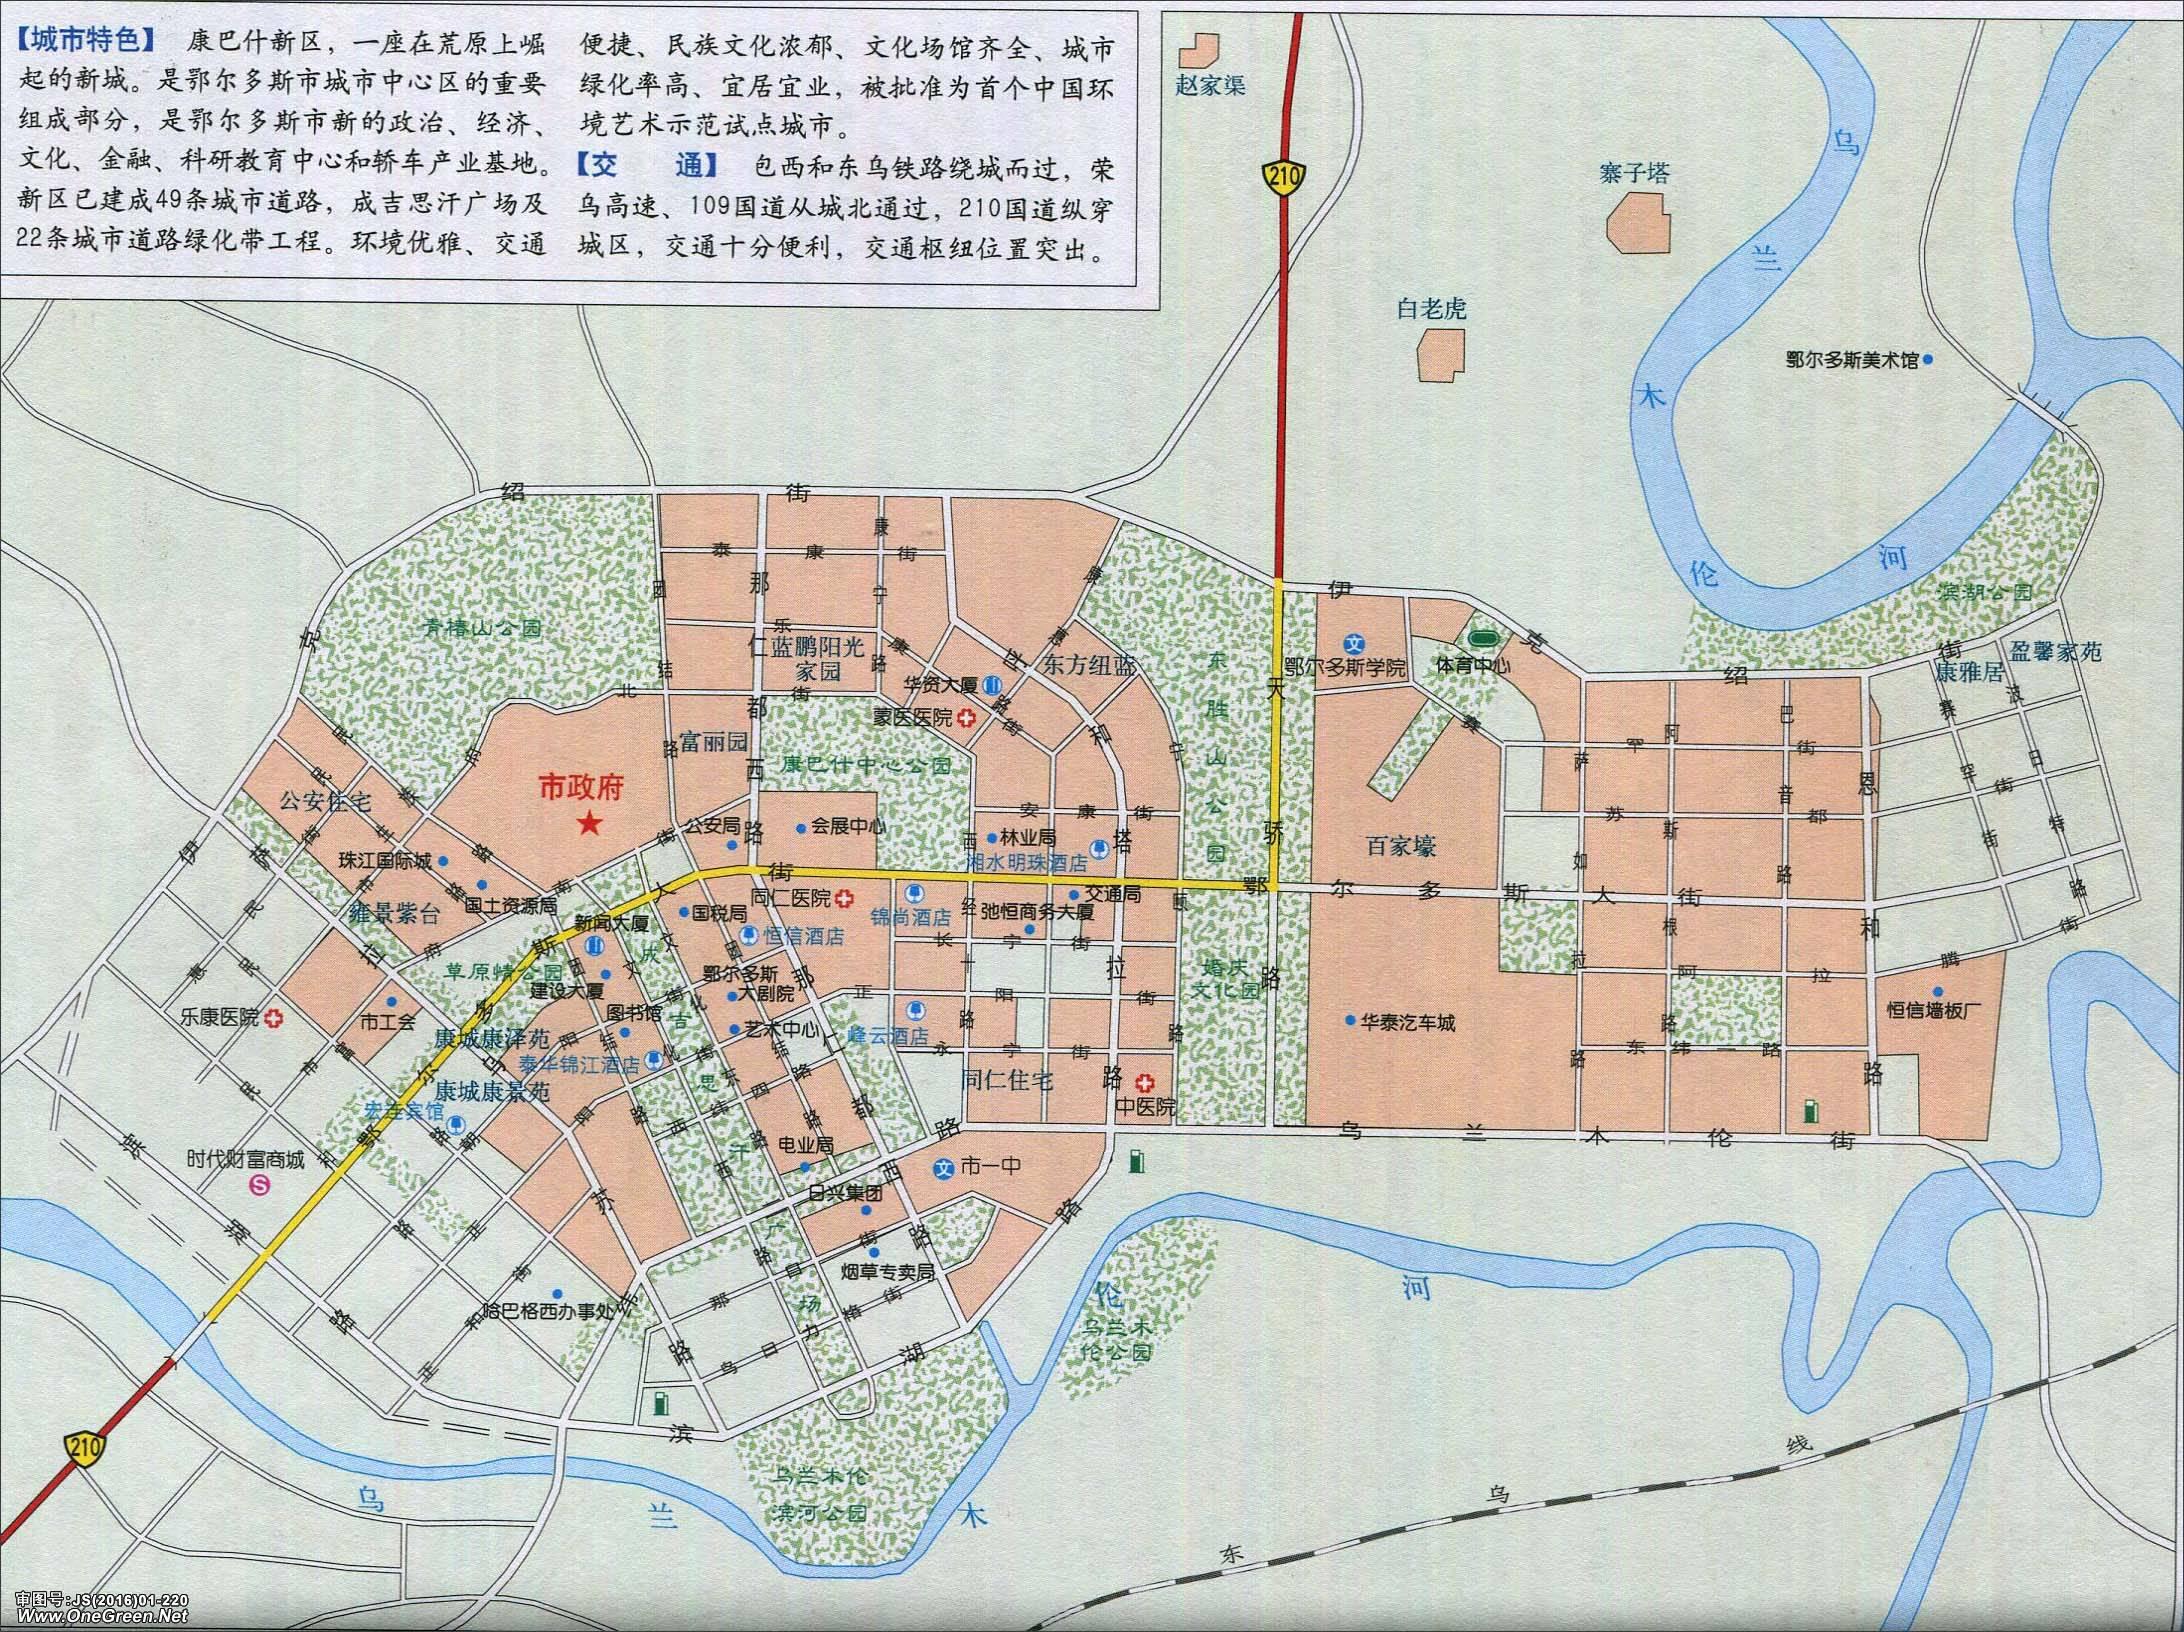 鄂尔多斯城区地图